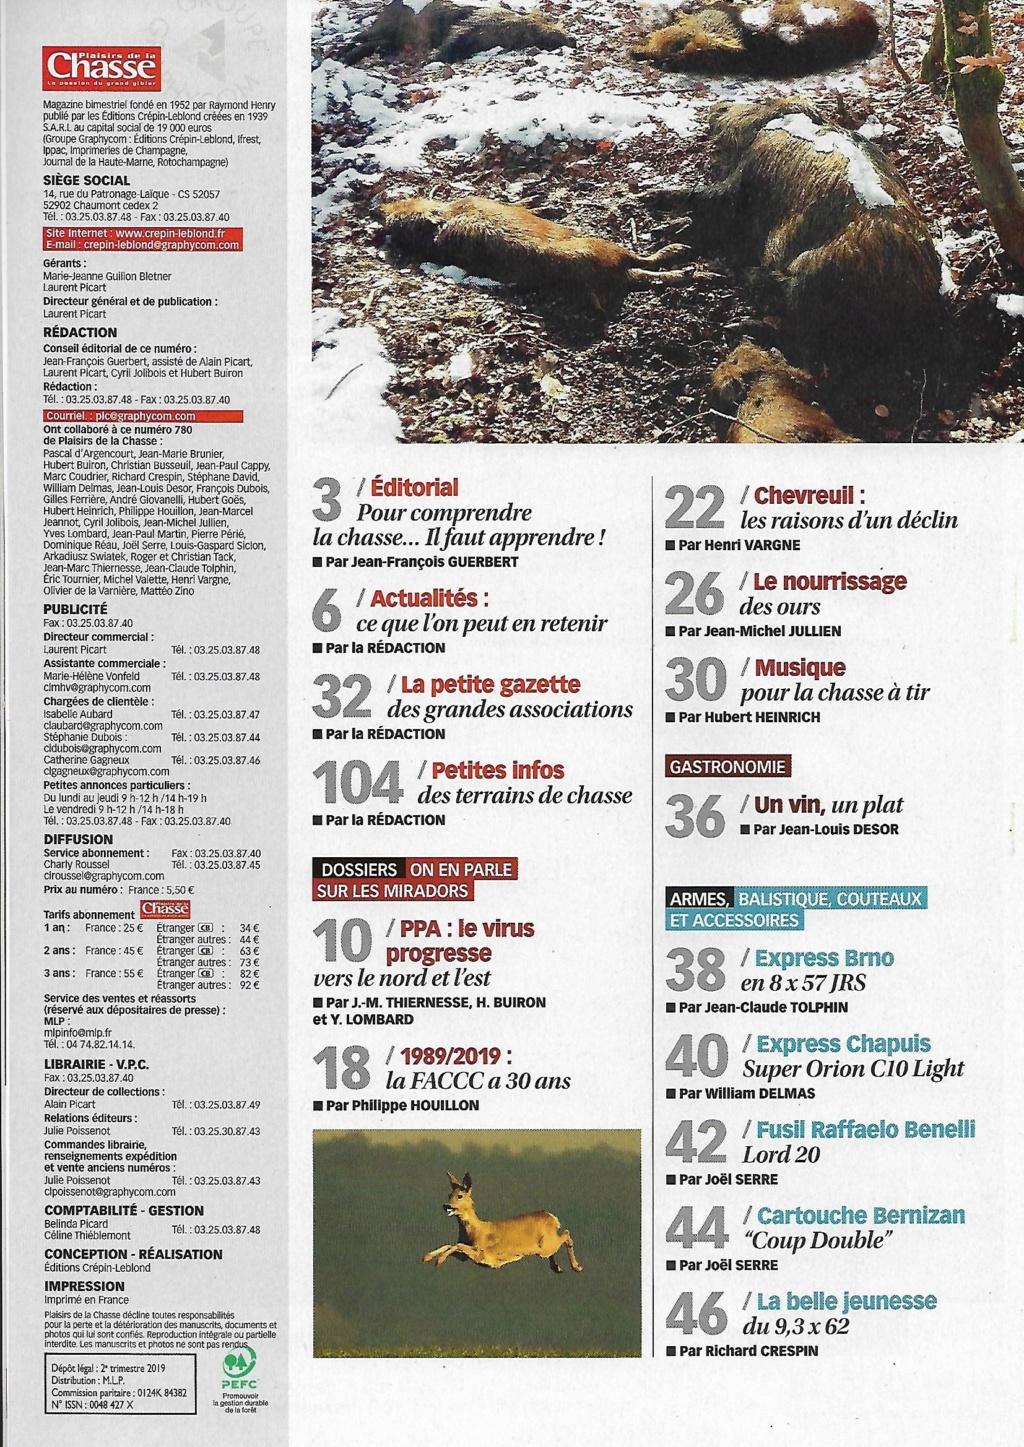 Peste porcine : On est en plein dedans !!! (Partie 2) - Page 39 Revue_10